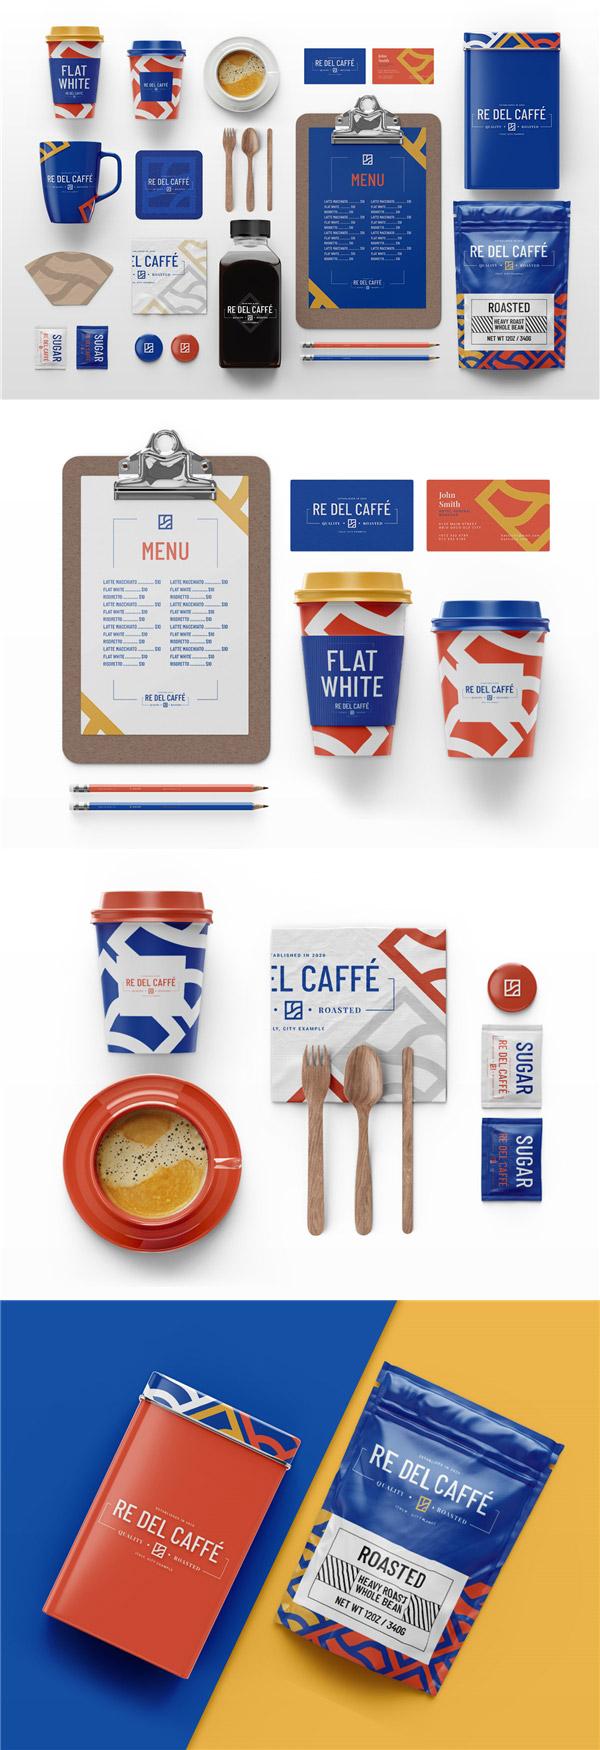 咖啡VI品牌样机